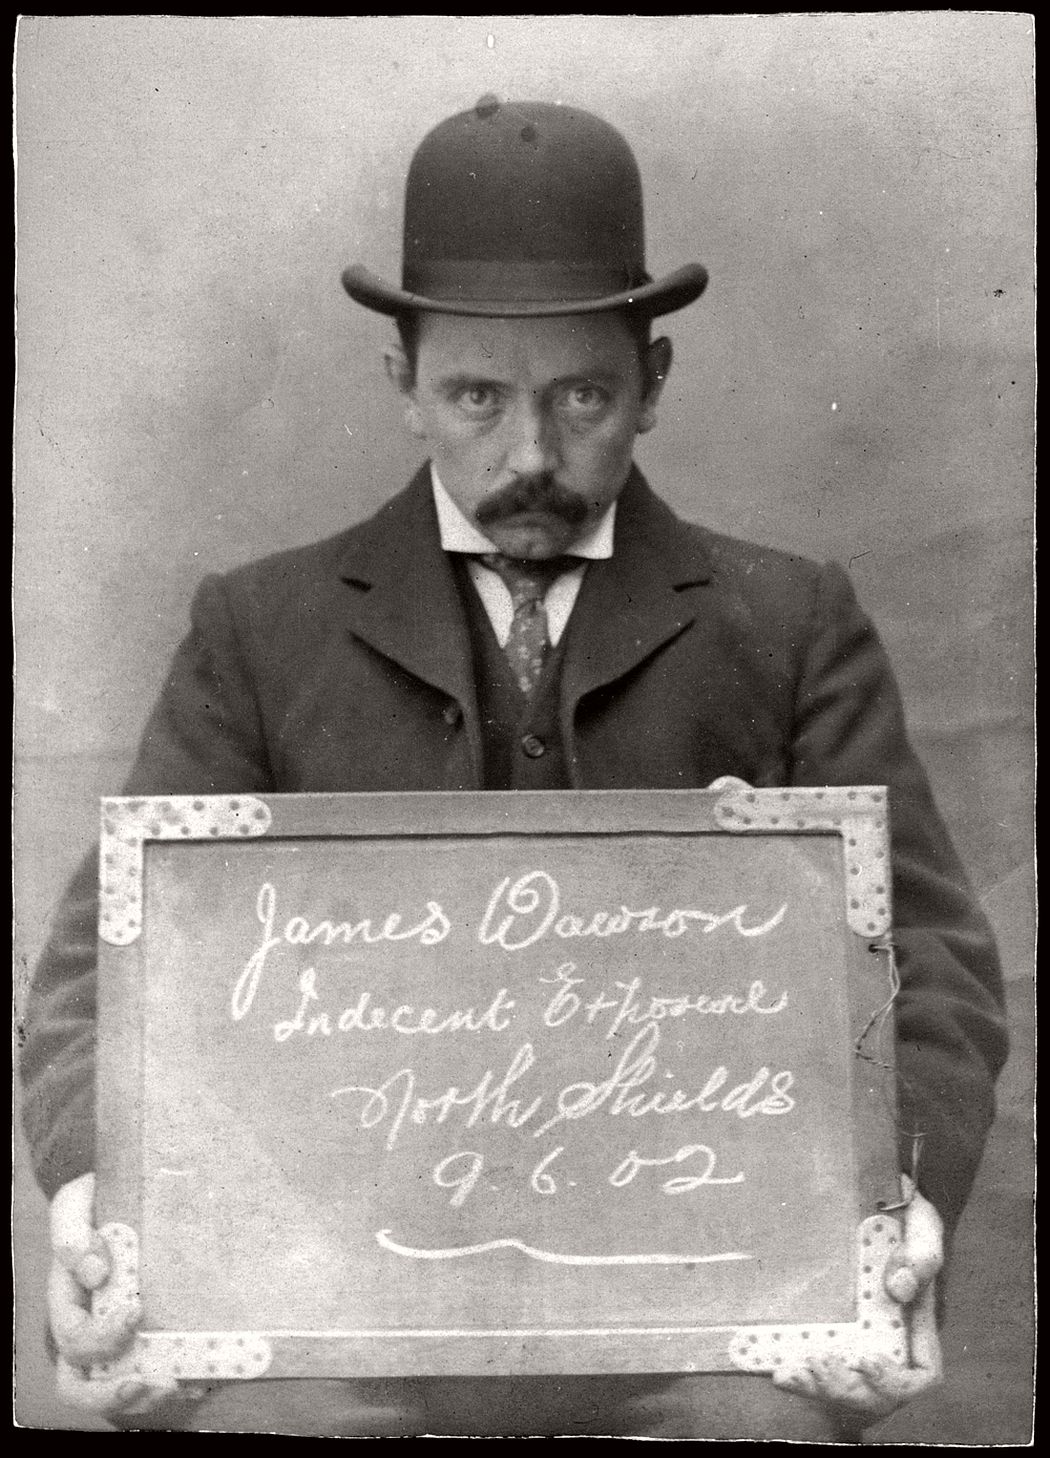 vintage-mug-shot-of-criminals-from-north-shields-1902-1905-10